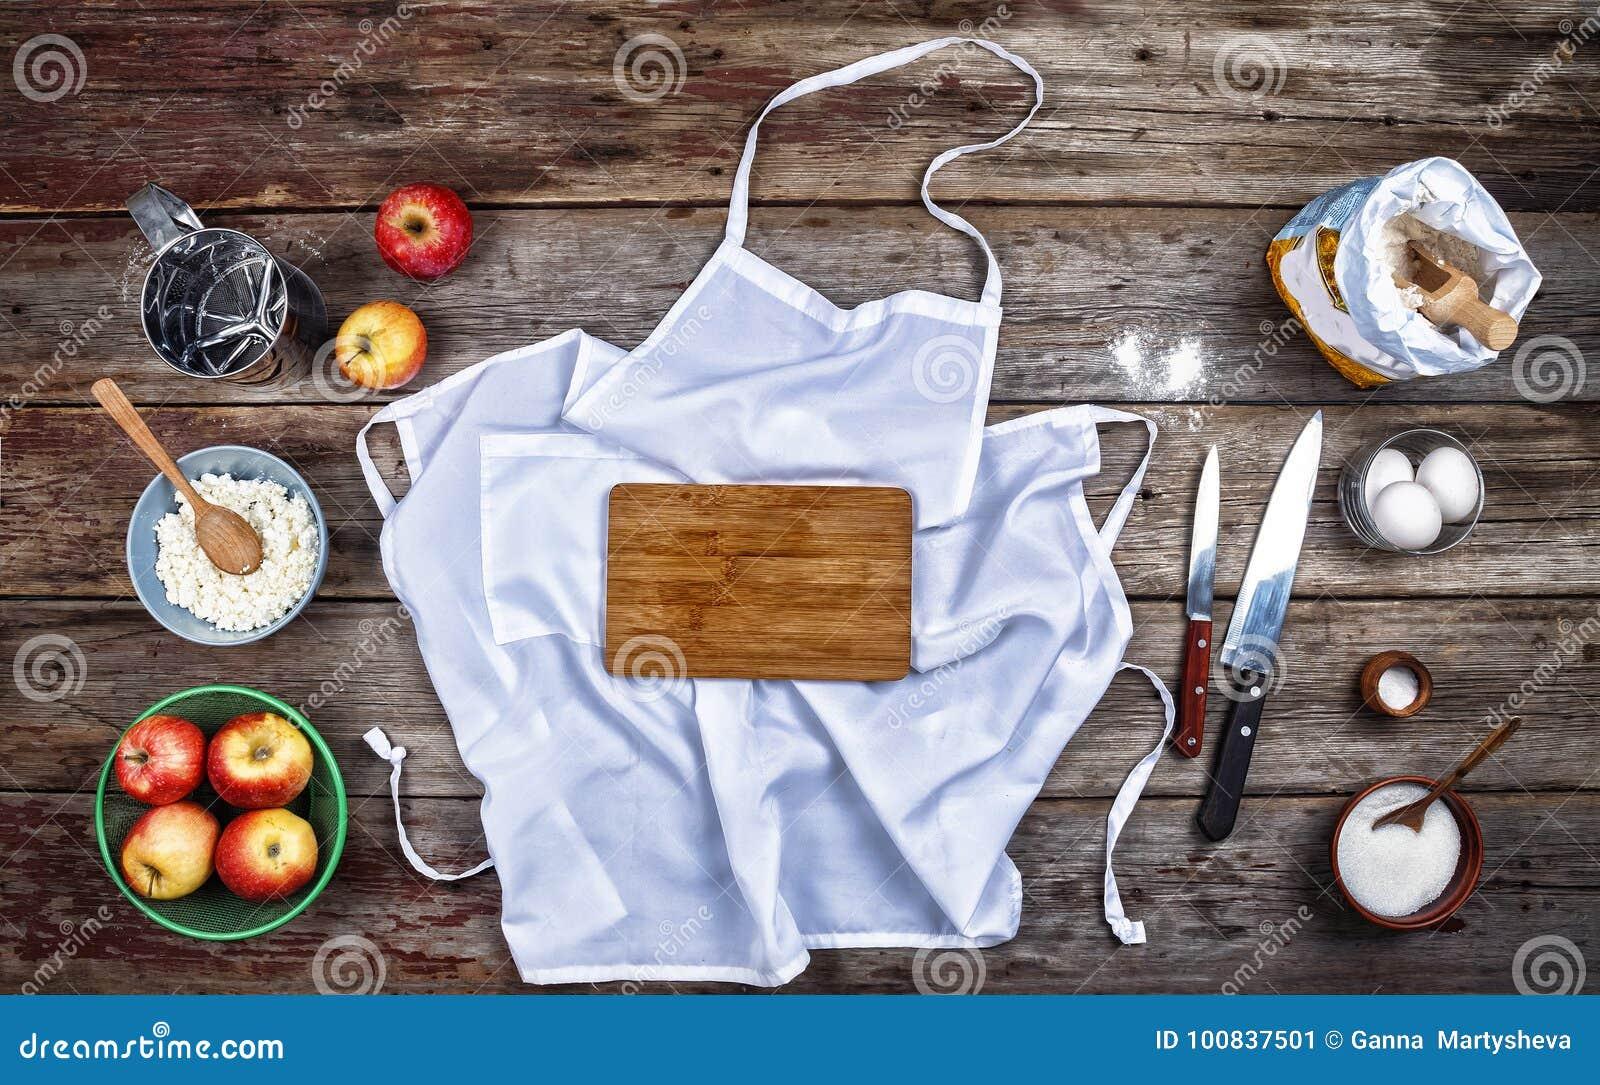 Begrepp: Matlagning som bakar Kitchenware och en variation av produkter för stekhett slut upp på en lantlig tabell ovanför sikt f